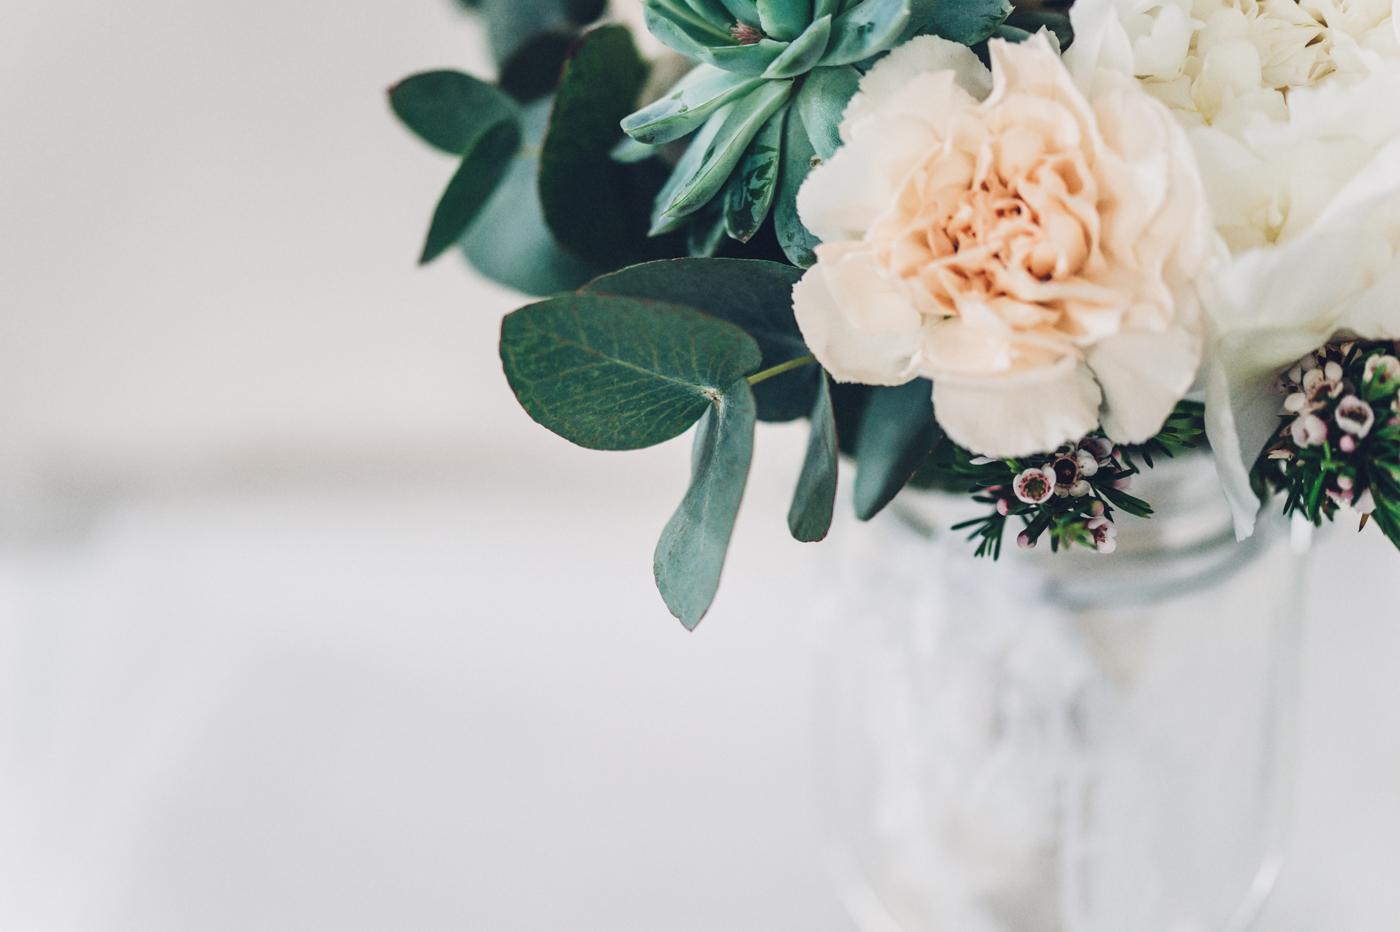 diy-wedding-nothenhof--24